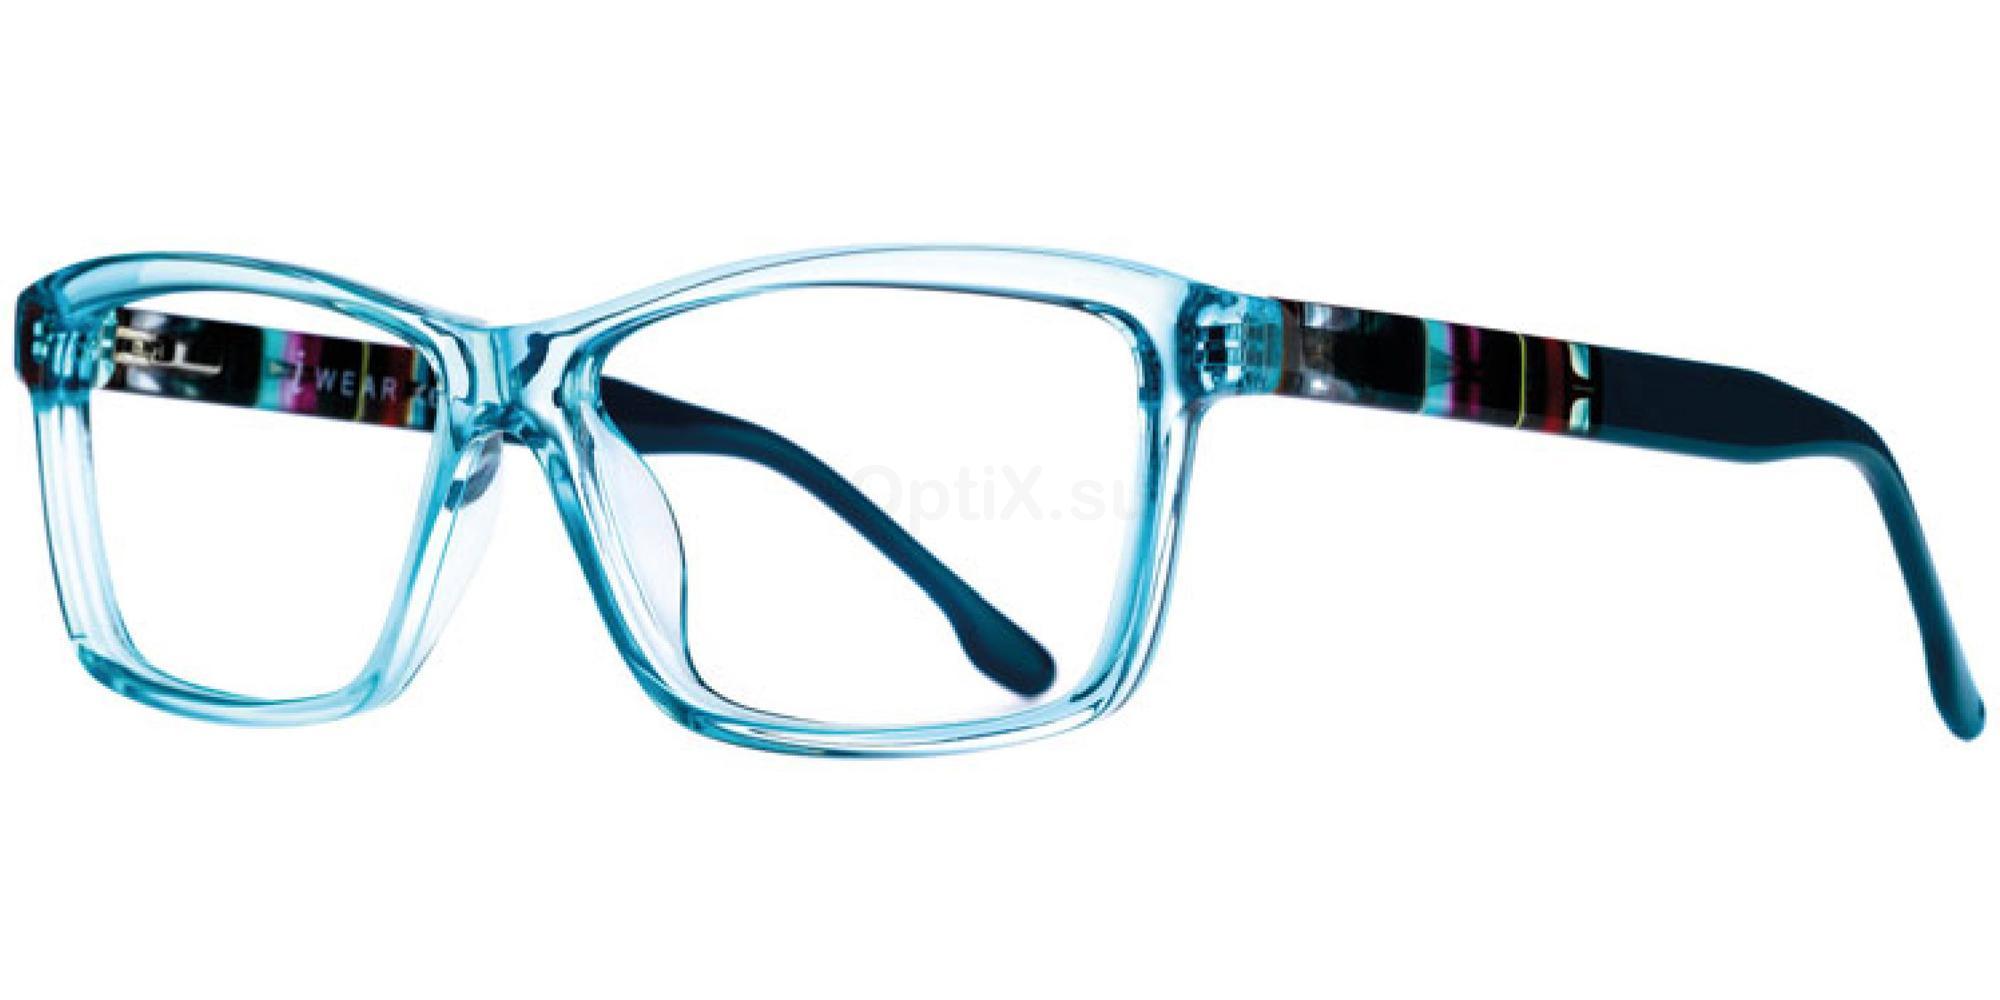 C1 i Wear 5079 Glasses, i Wear